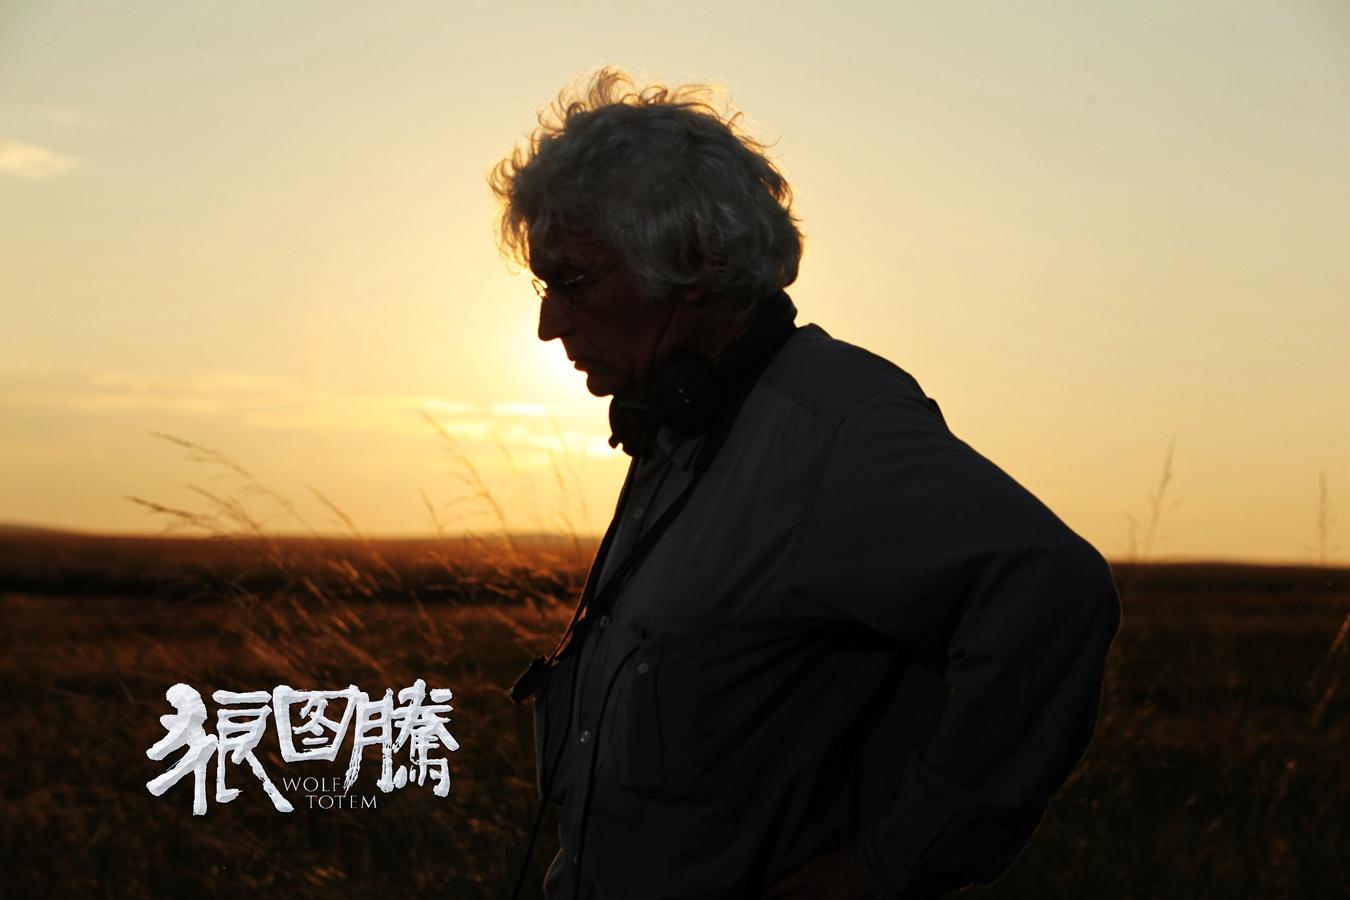 中登破产_狼图腾_电影剧照_图集_电影网_1905.com